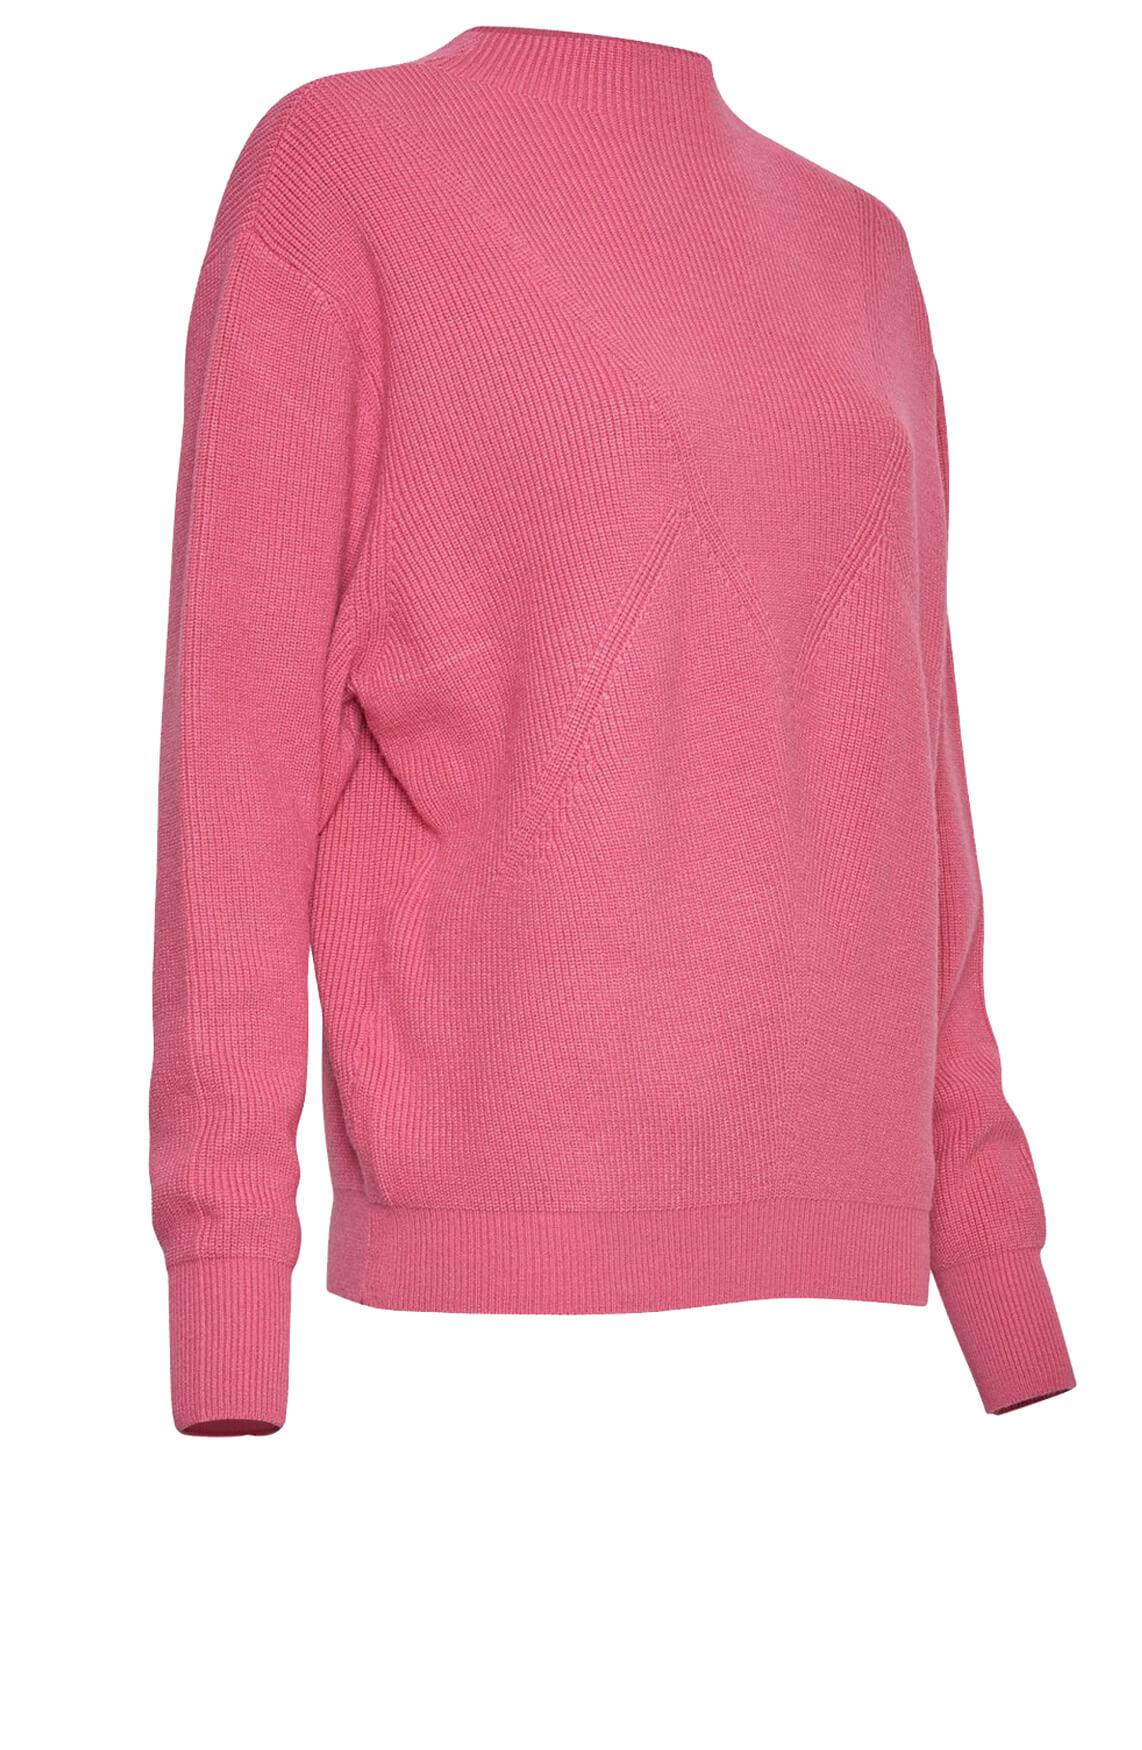 Moss Copenhagen Dames Jilli pullover roze